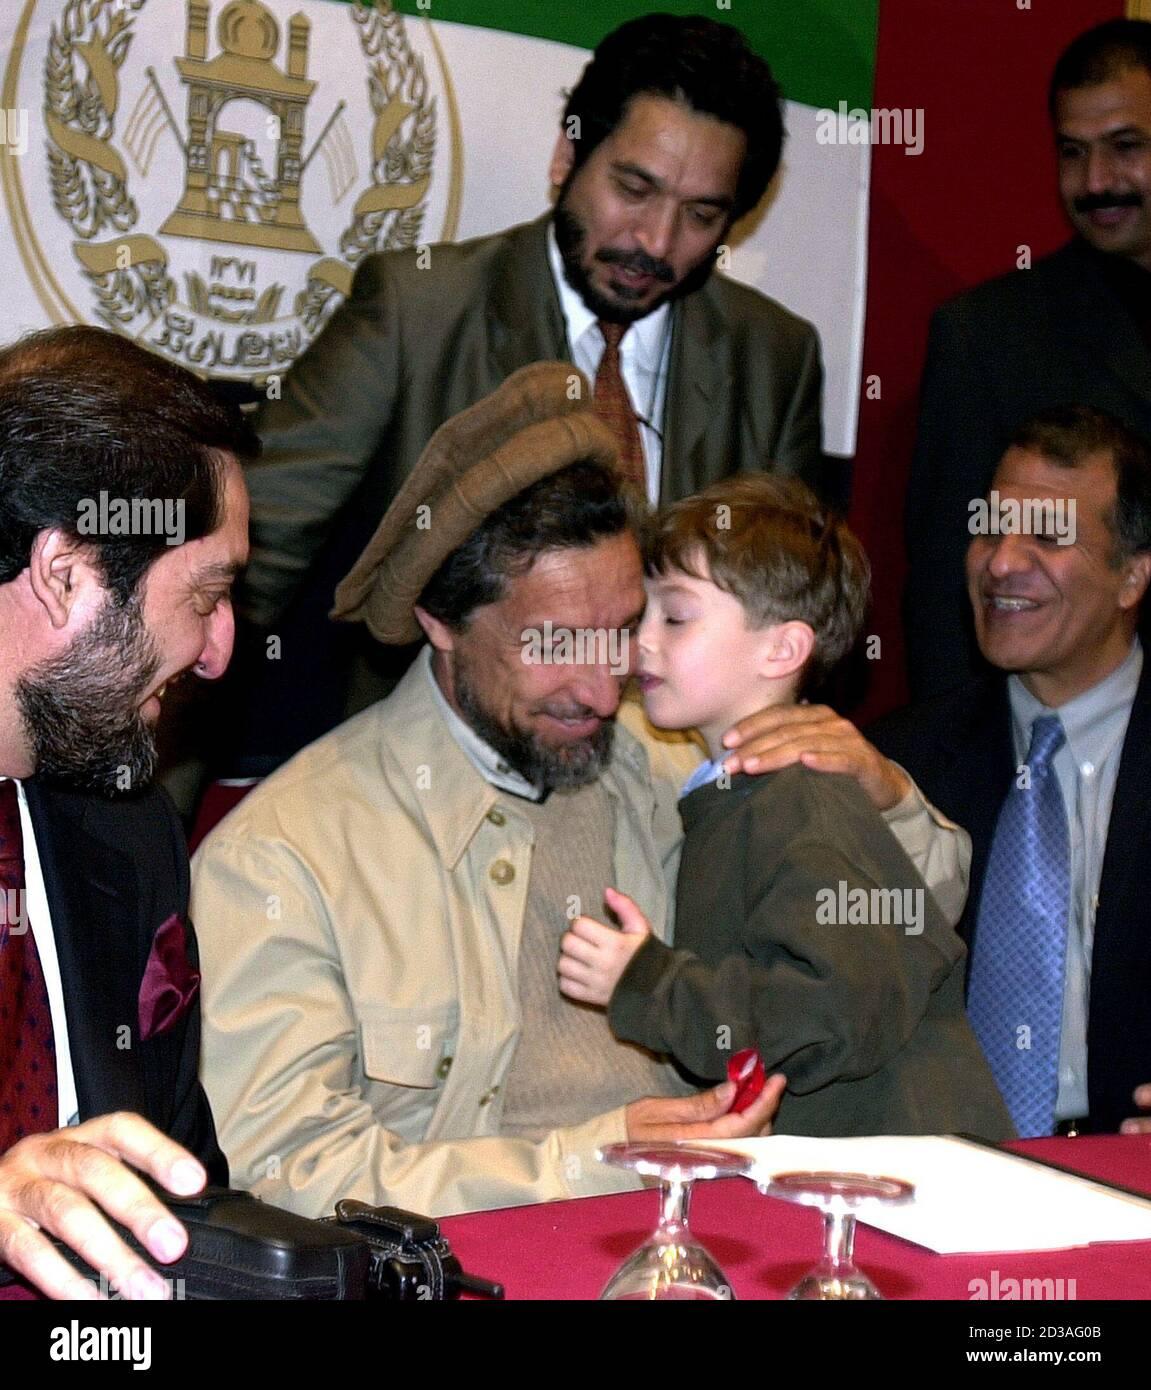 Ahmad Shah Massoud Stockfotos und  bilder Kaufen   Alamy